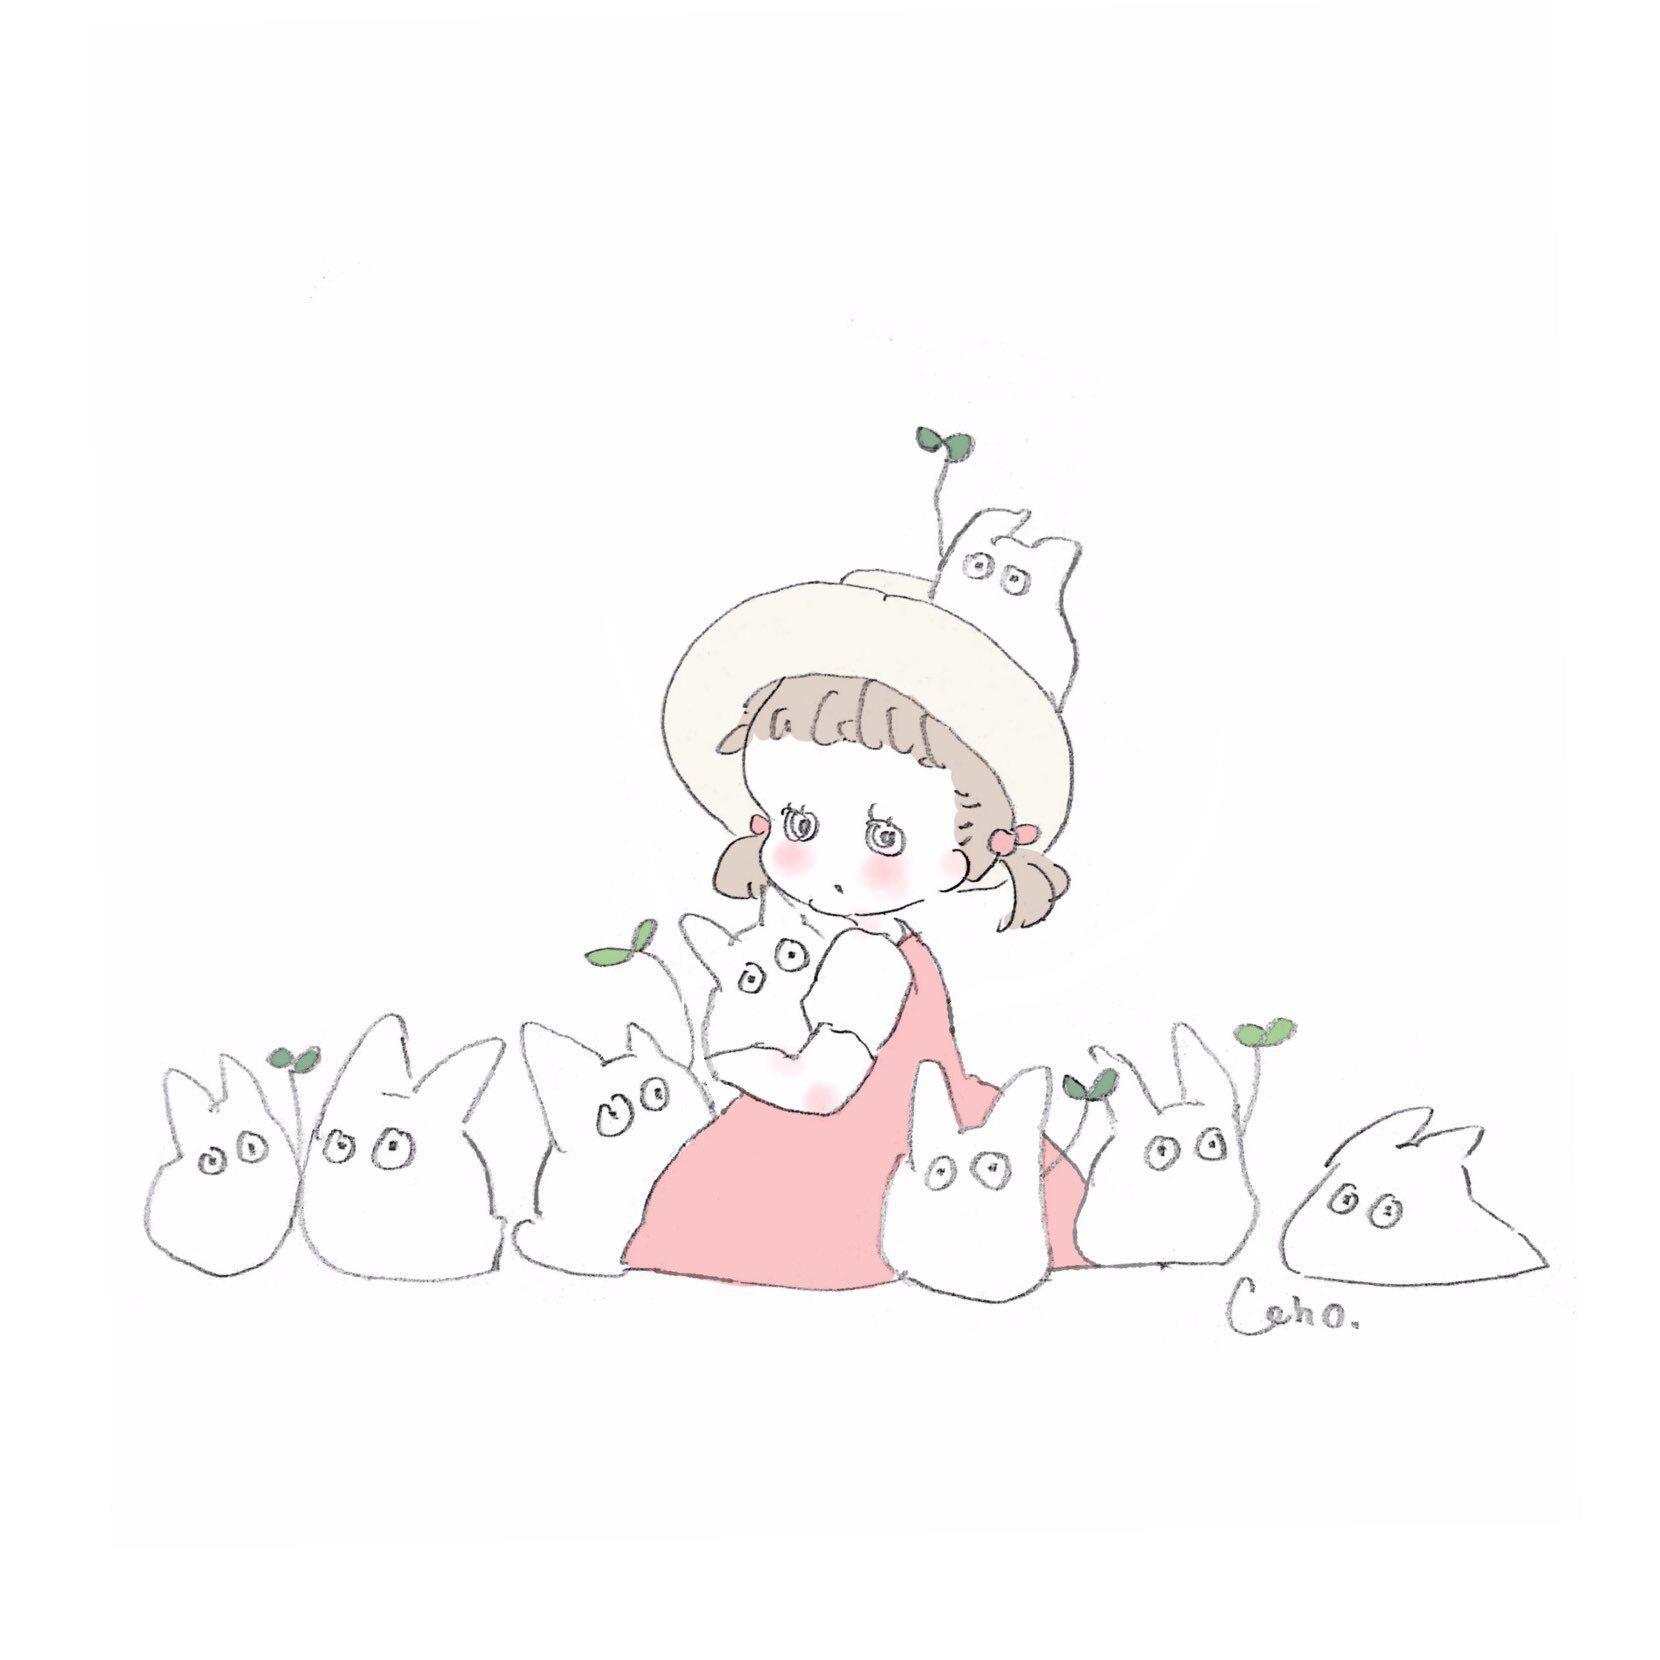 Ghim Của ゆうか Tren 可愛い đang Yeu Totoro Dễ Thương